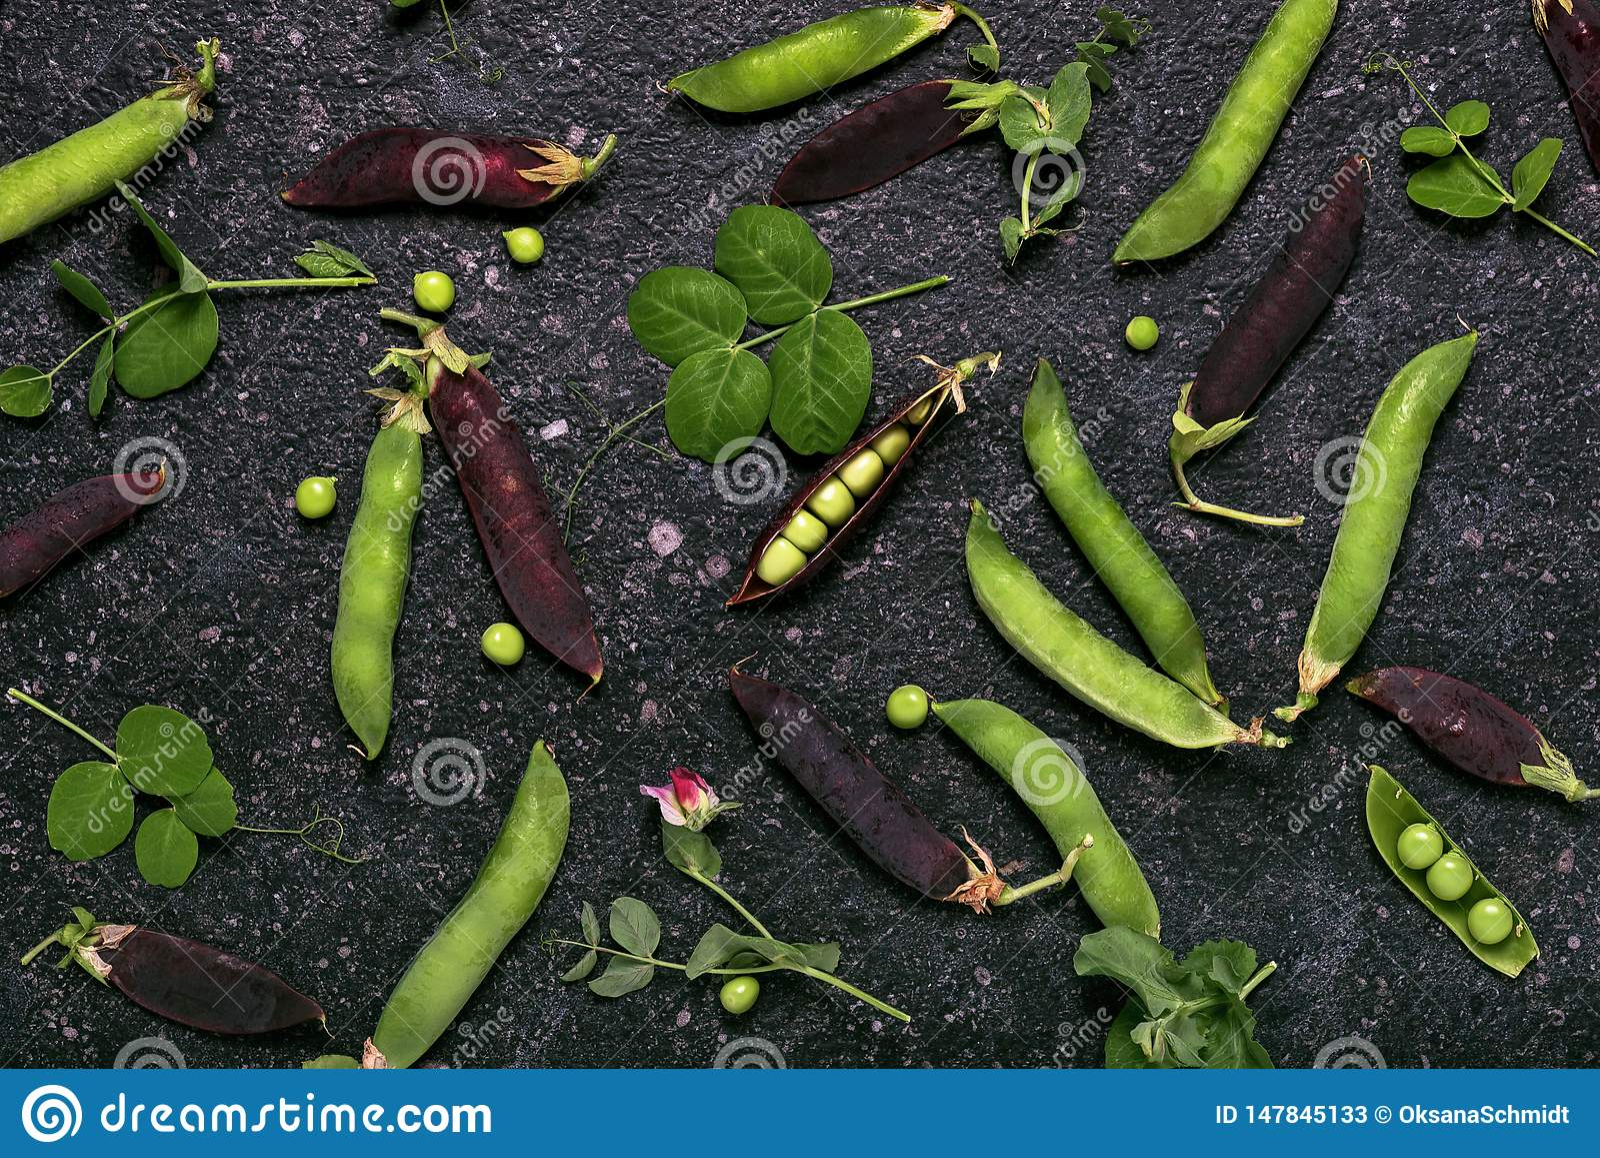 有机绿色和紫豌豆荚收获